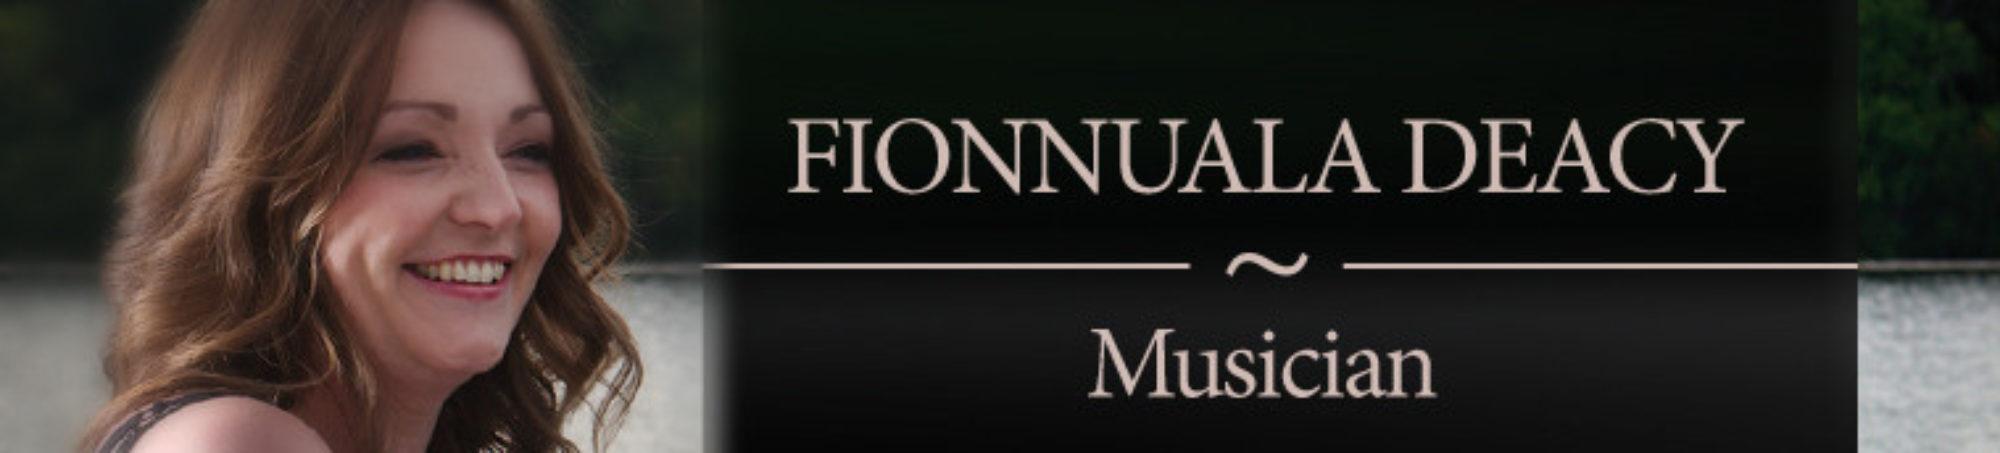 Fionnuala Deacy